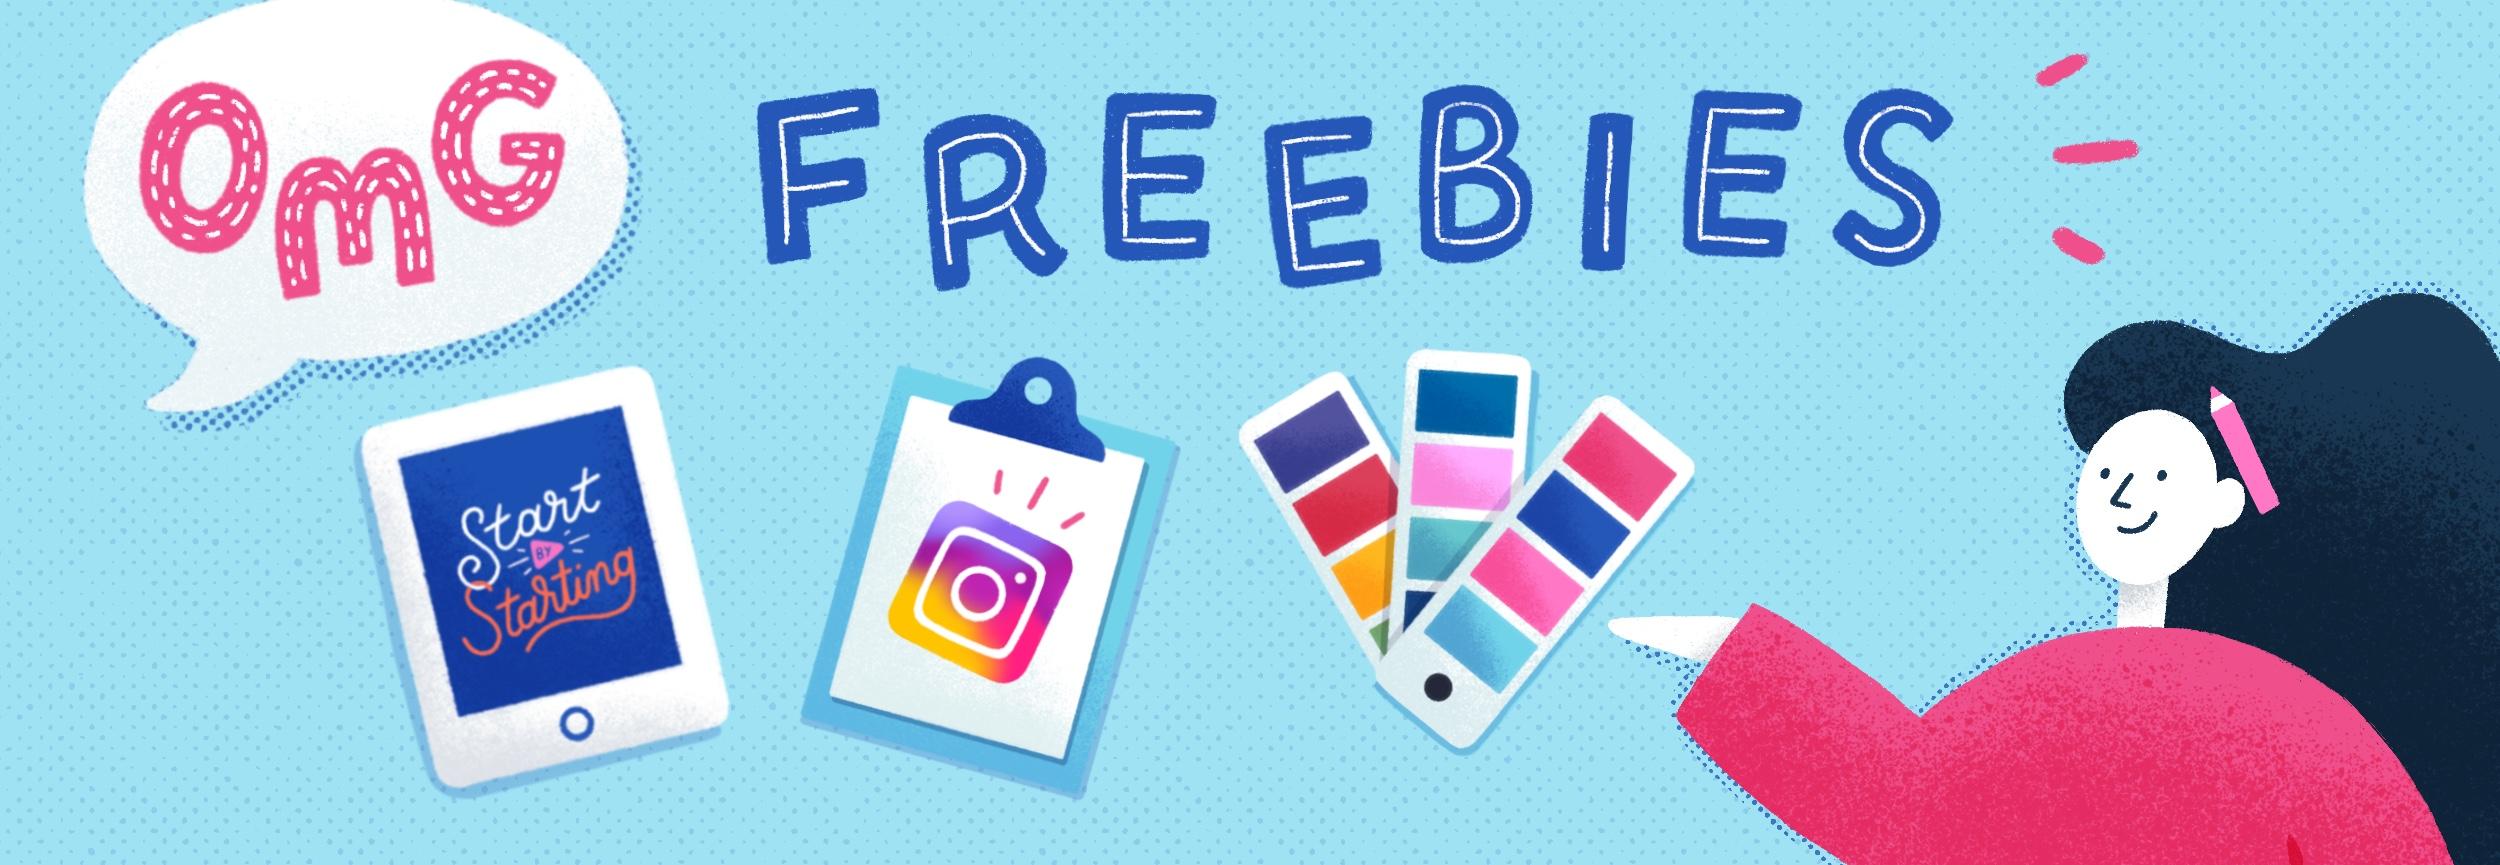 freebies_illustration.jpg